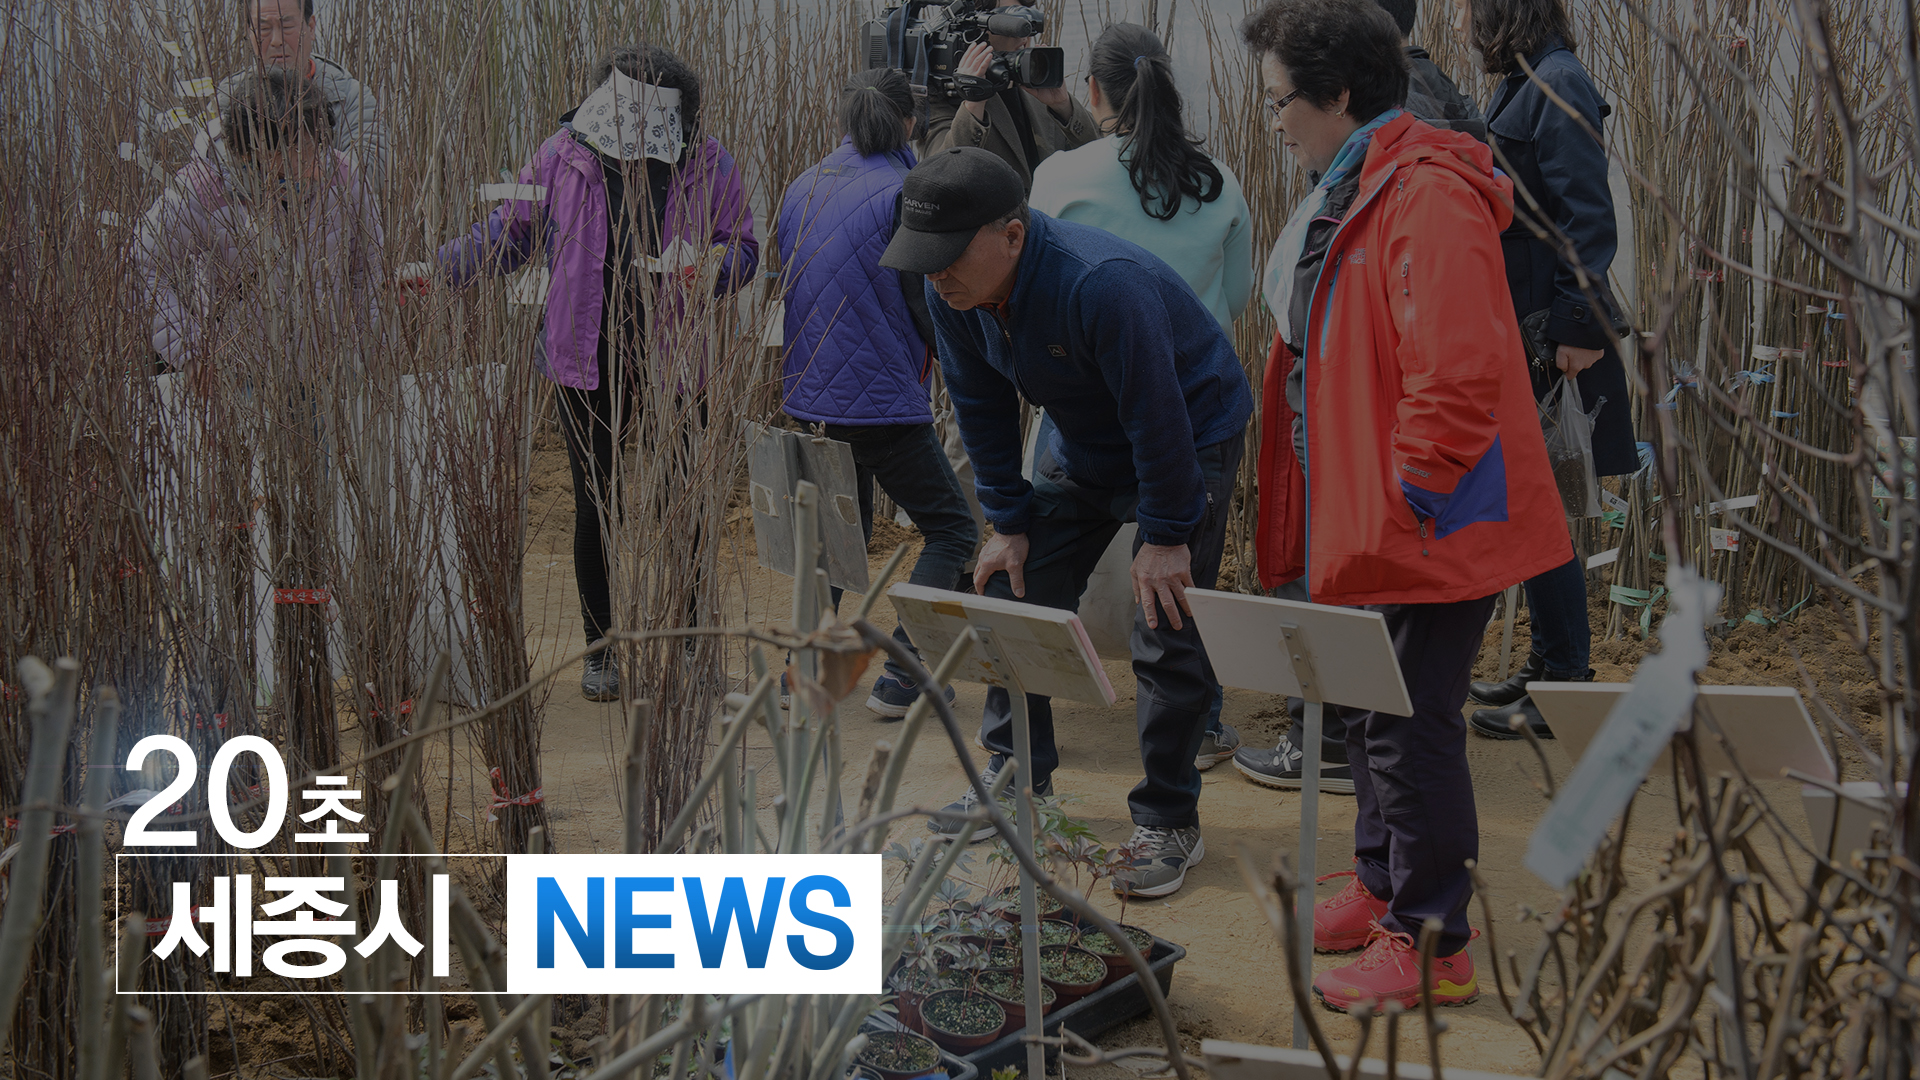 <20초뉴스> 세종 전의조경수묘목축제 23~25일 개최